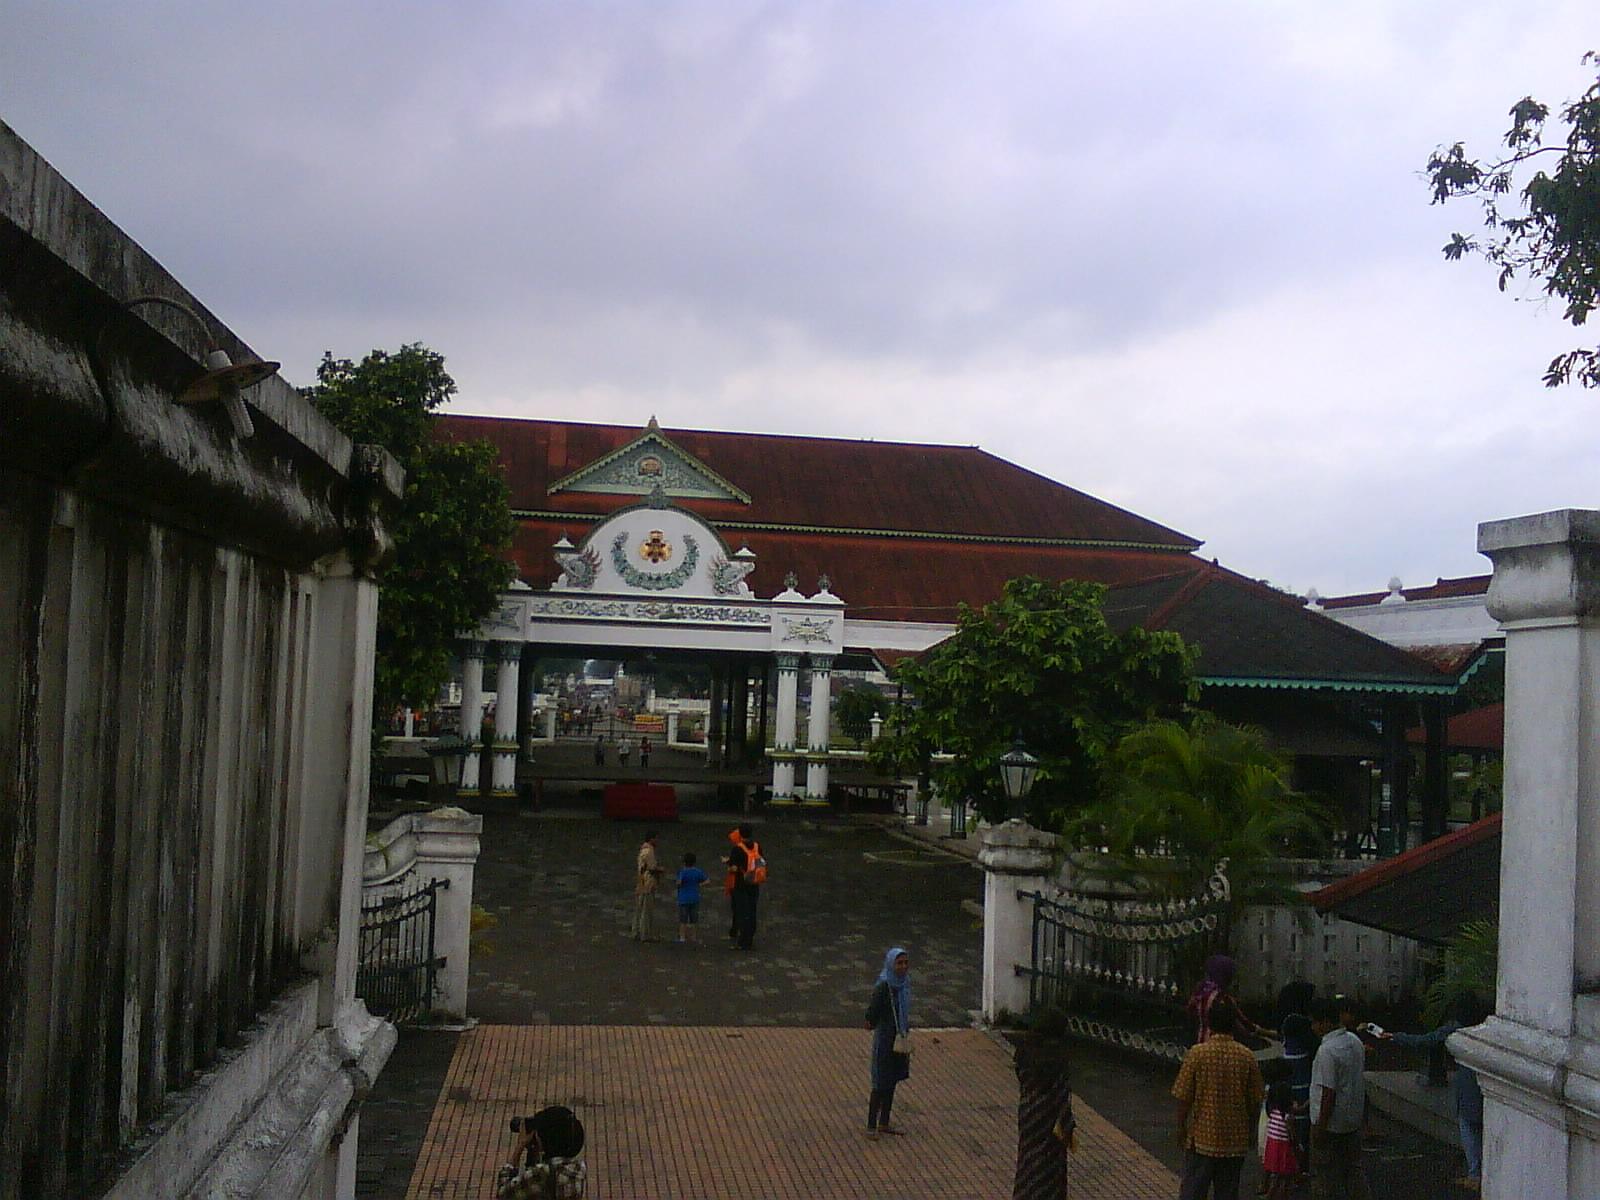 3 Tempat Menarik Yang Wajib Di Kunjungi Selama Di Yogyakarta